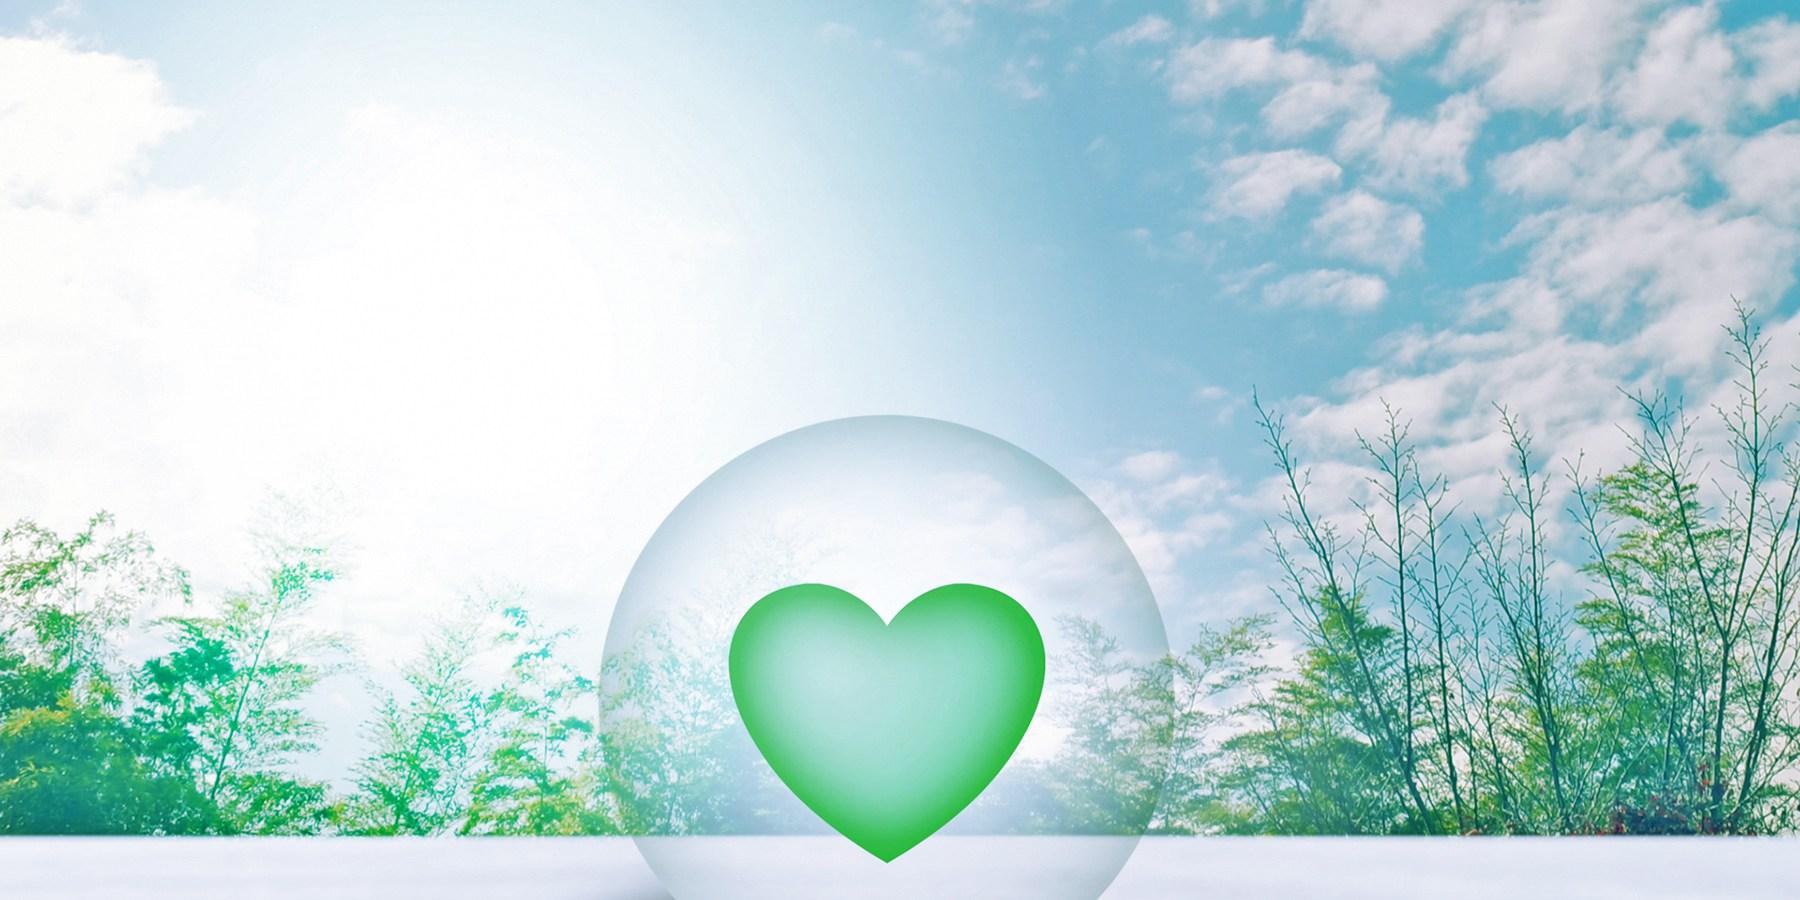 球体の中に入った緑のハート